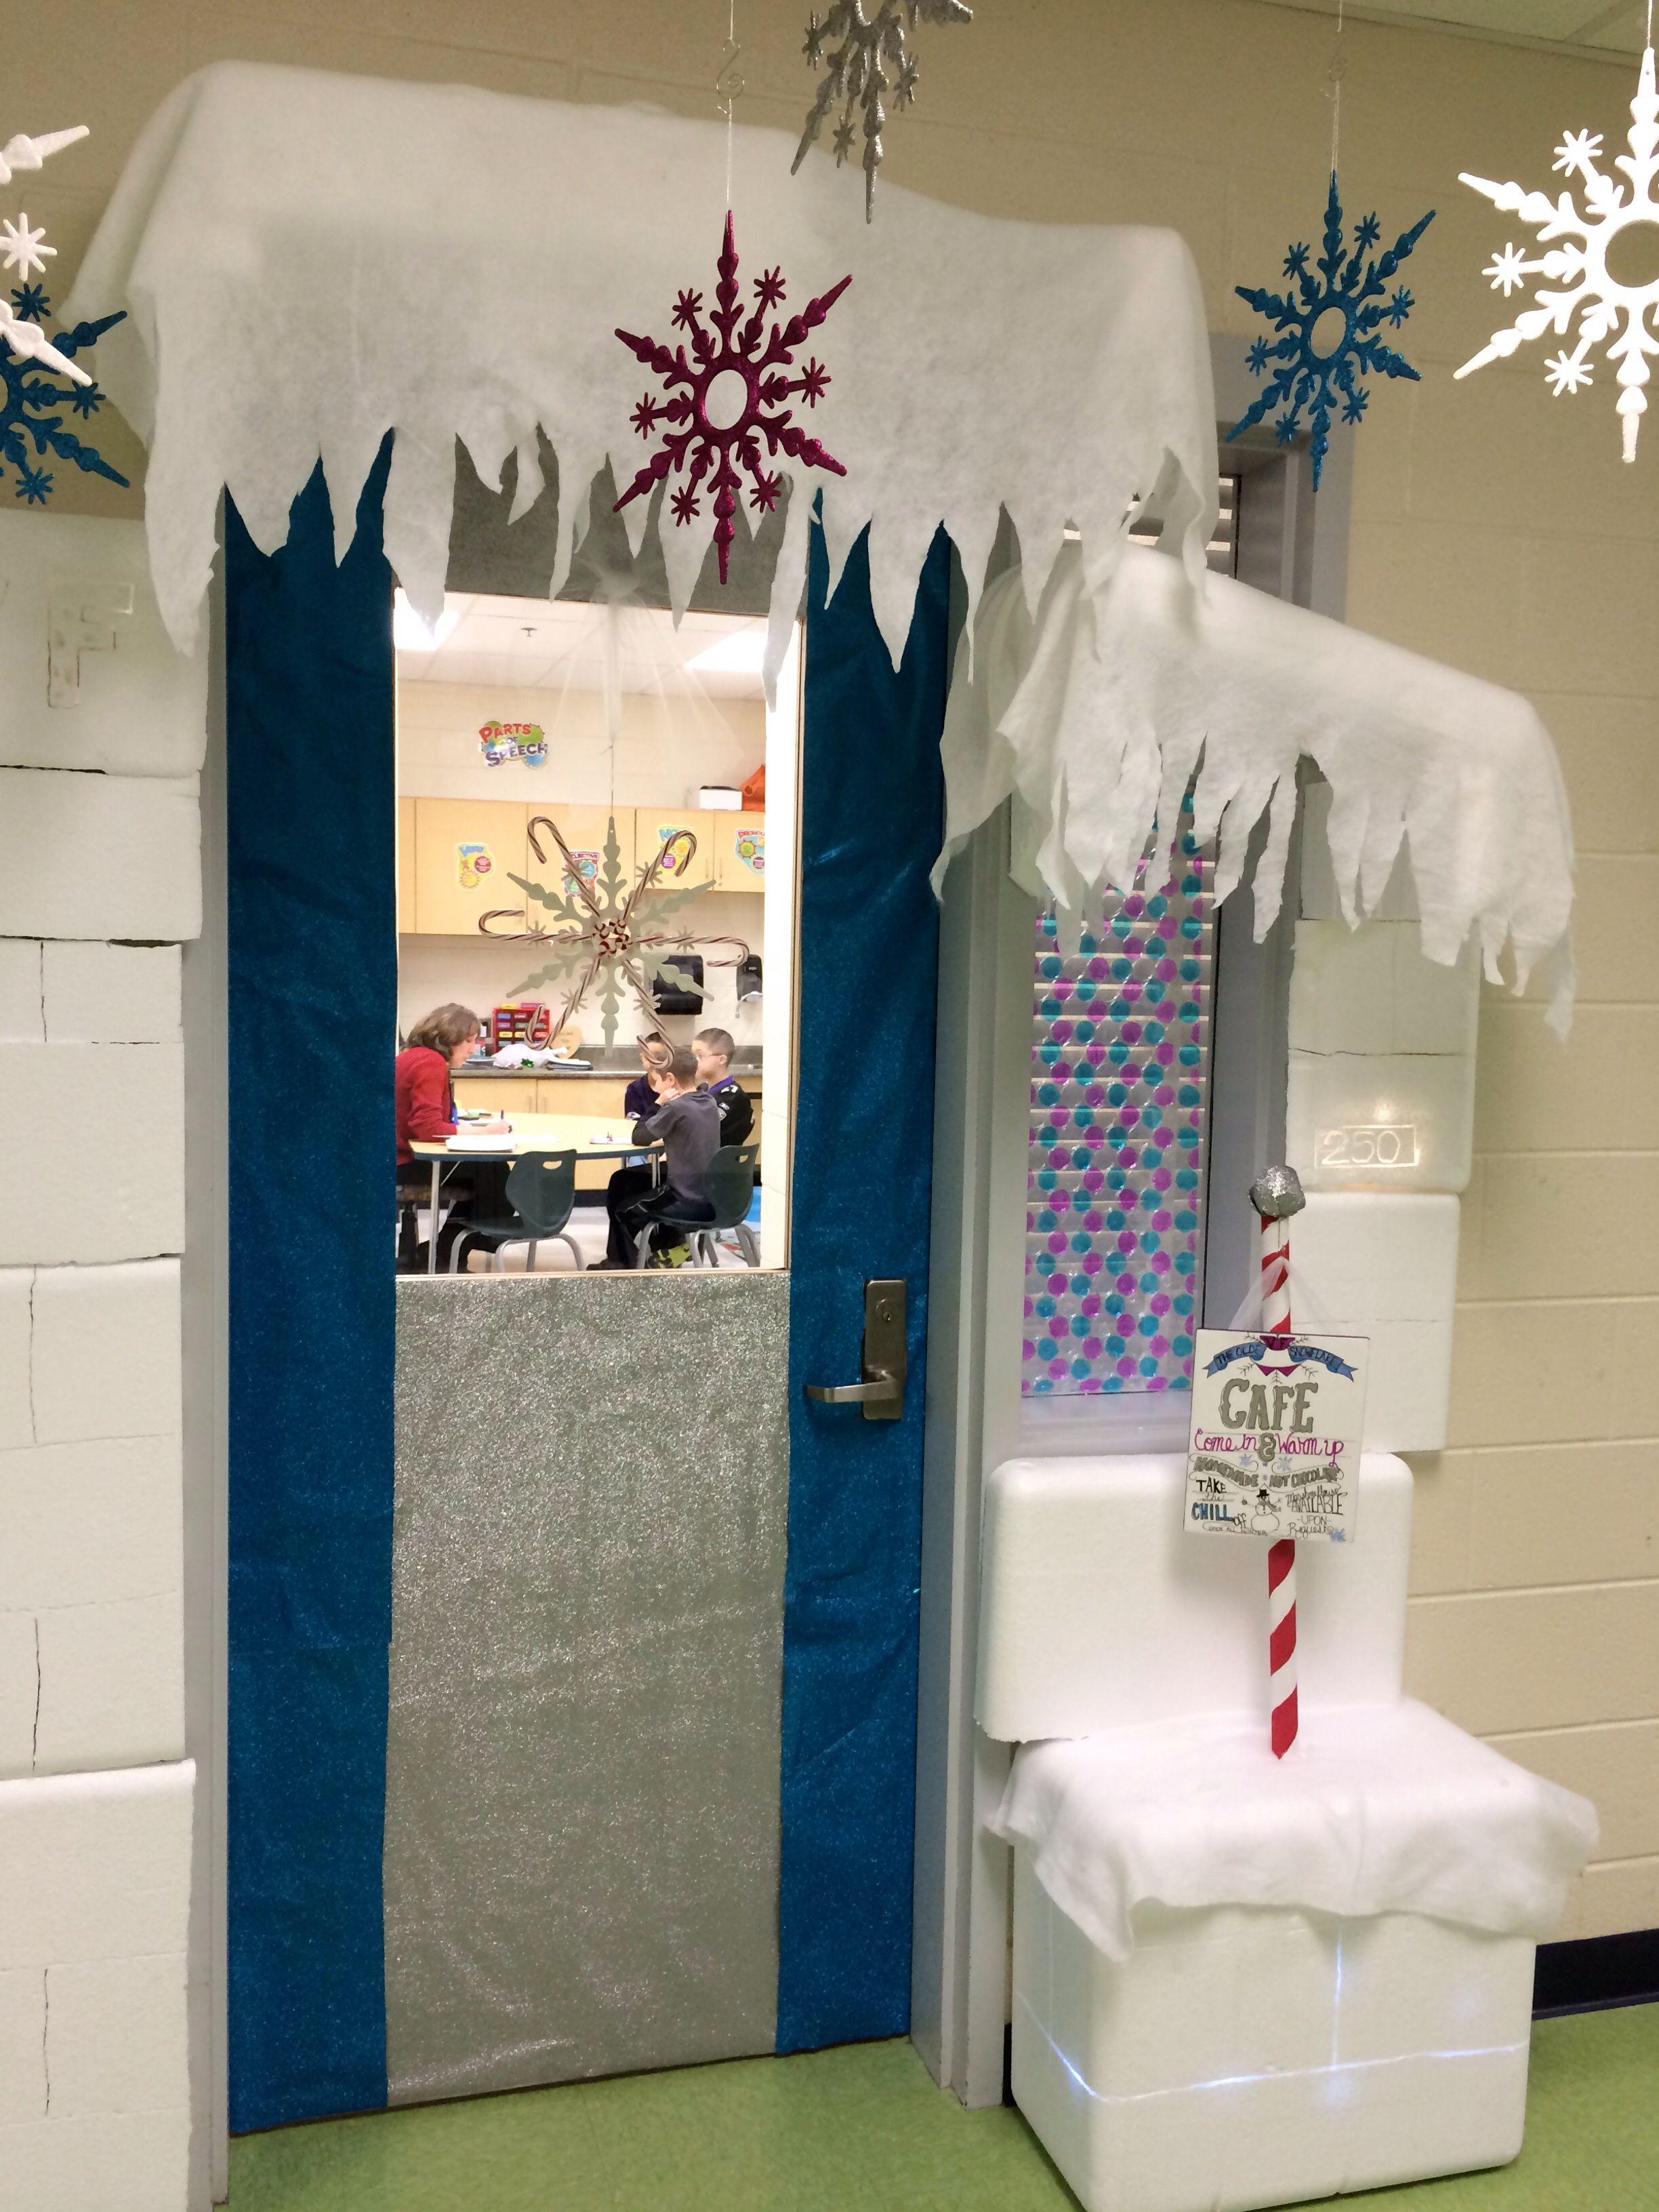 My winter wonderland classroom door ran over to the speech